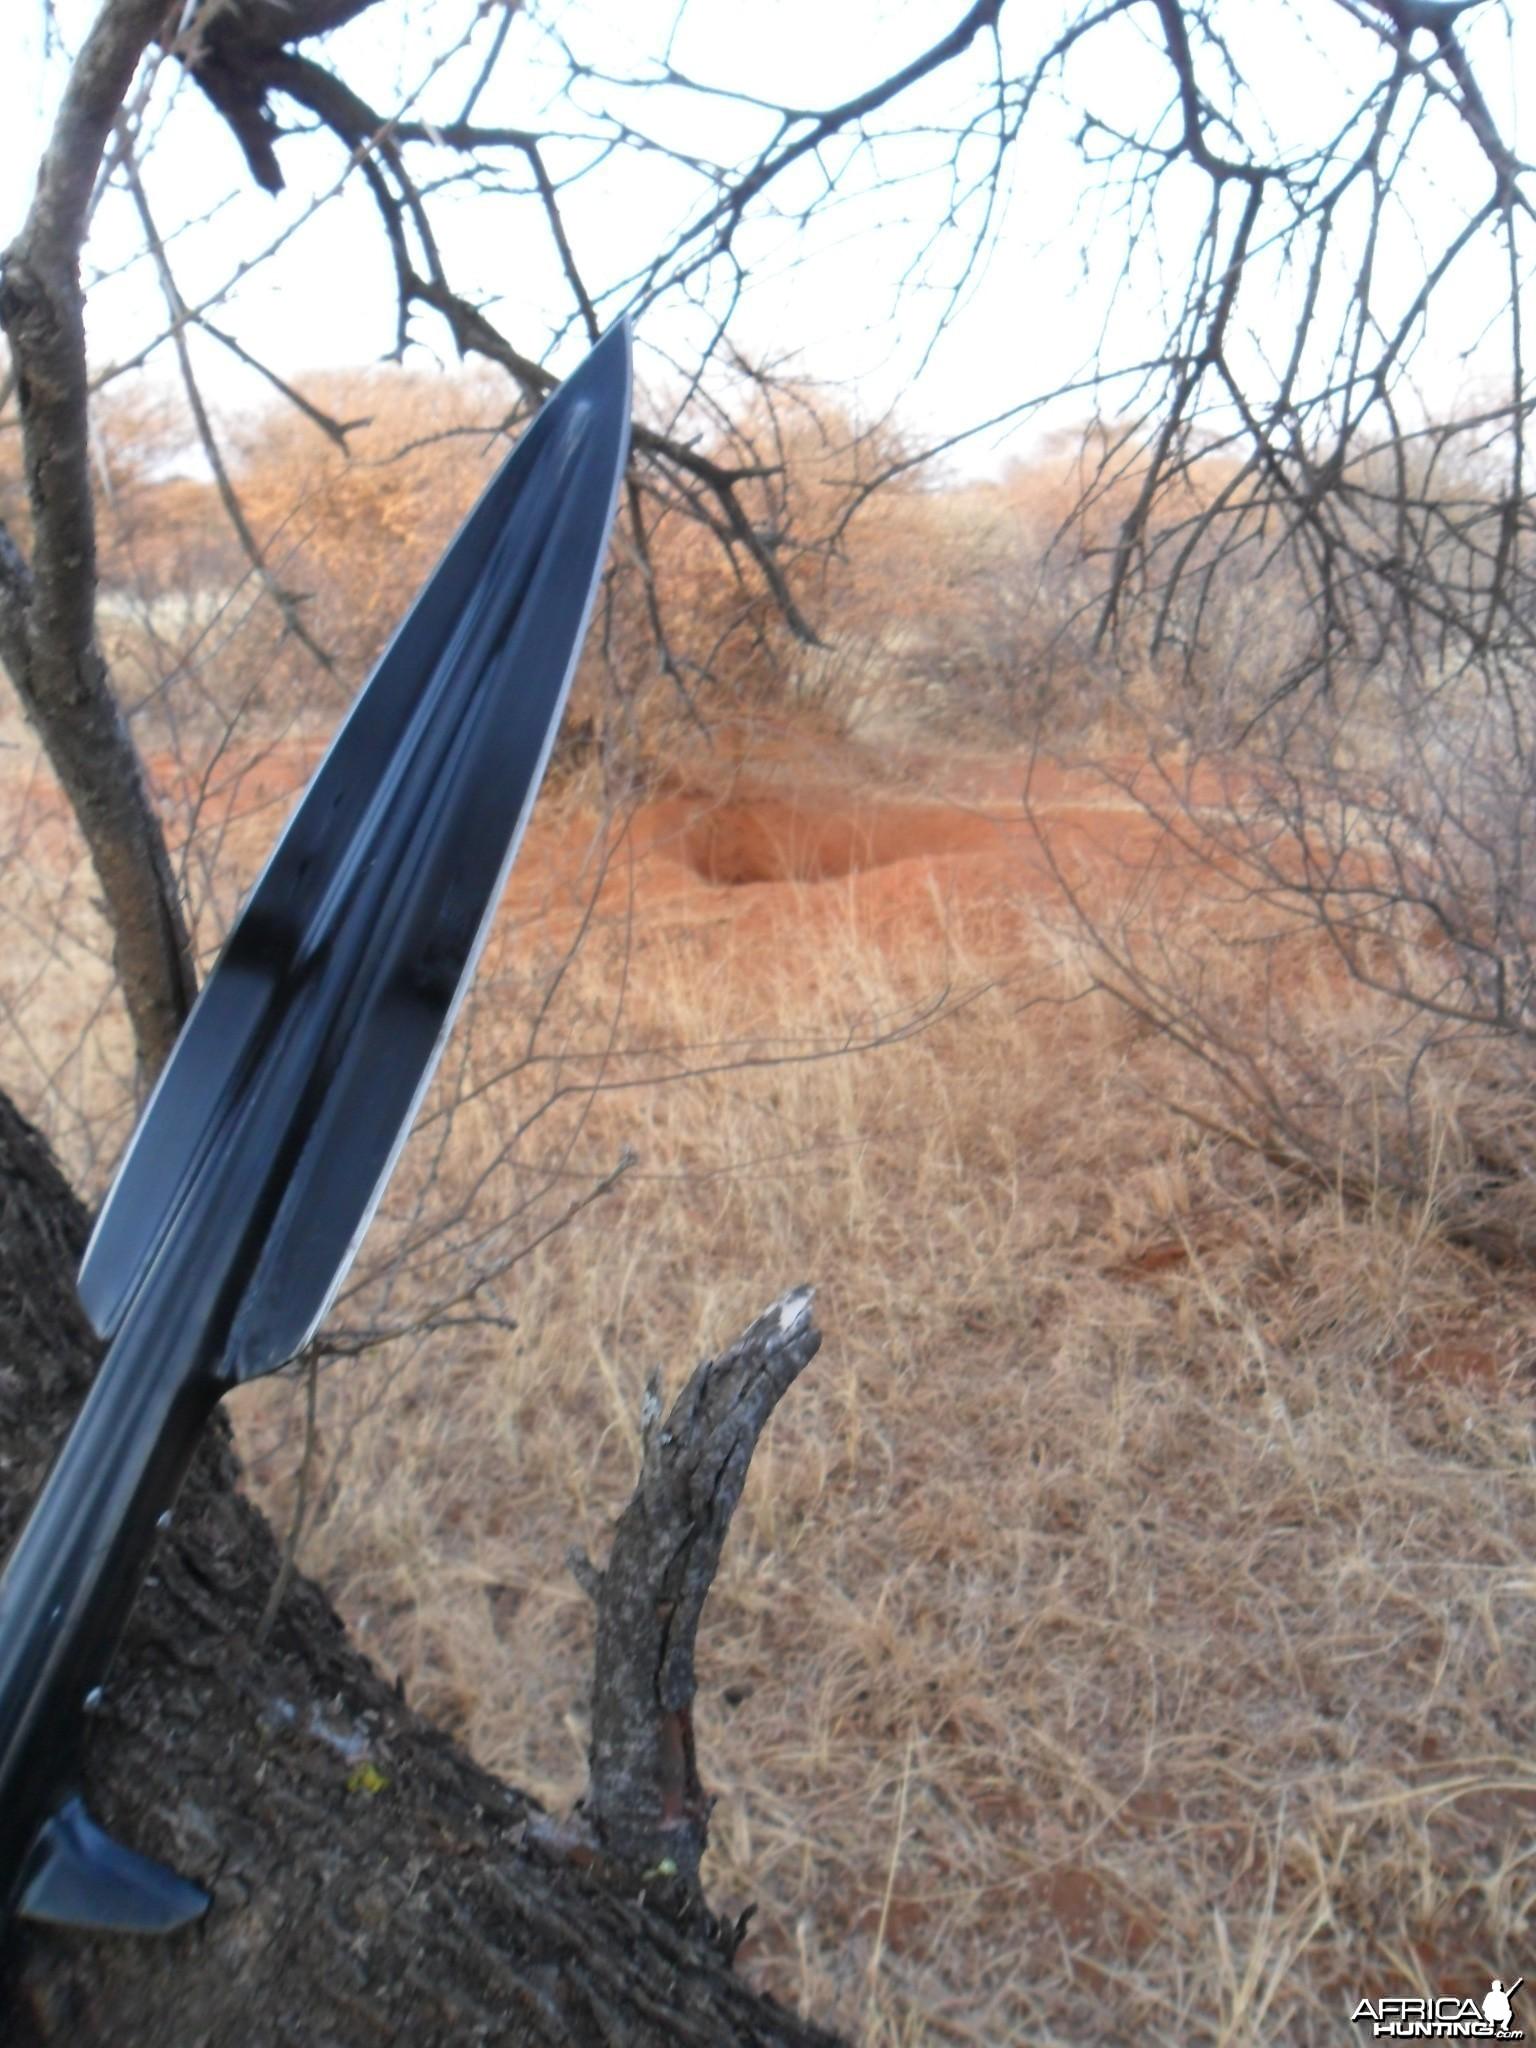 warthog spearhunting